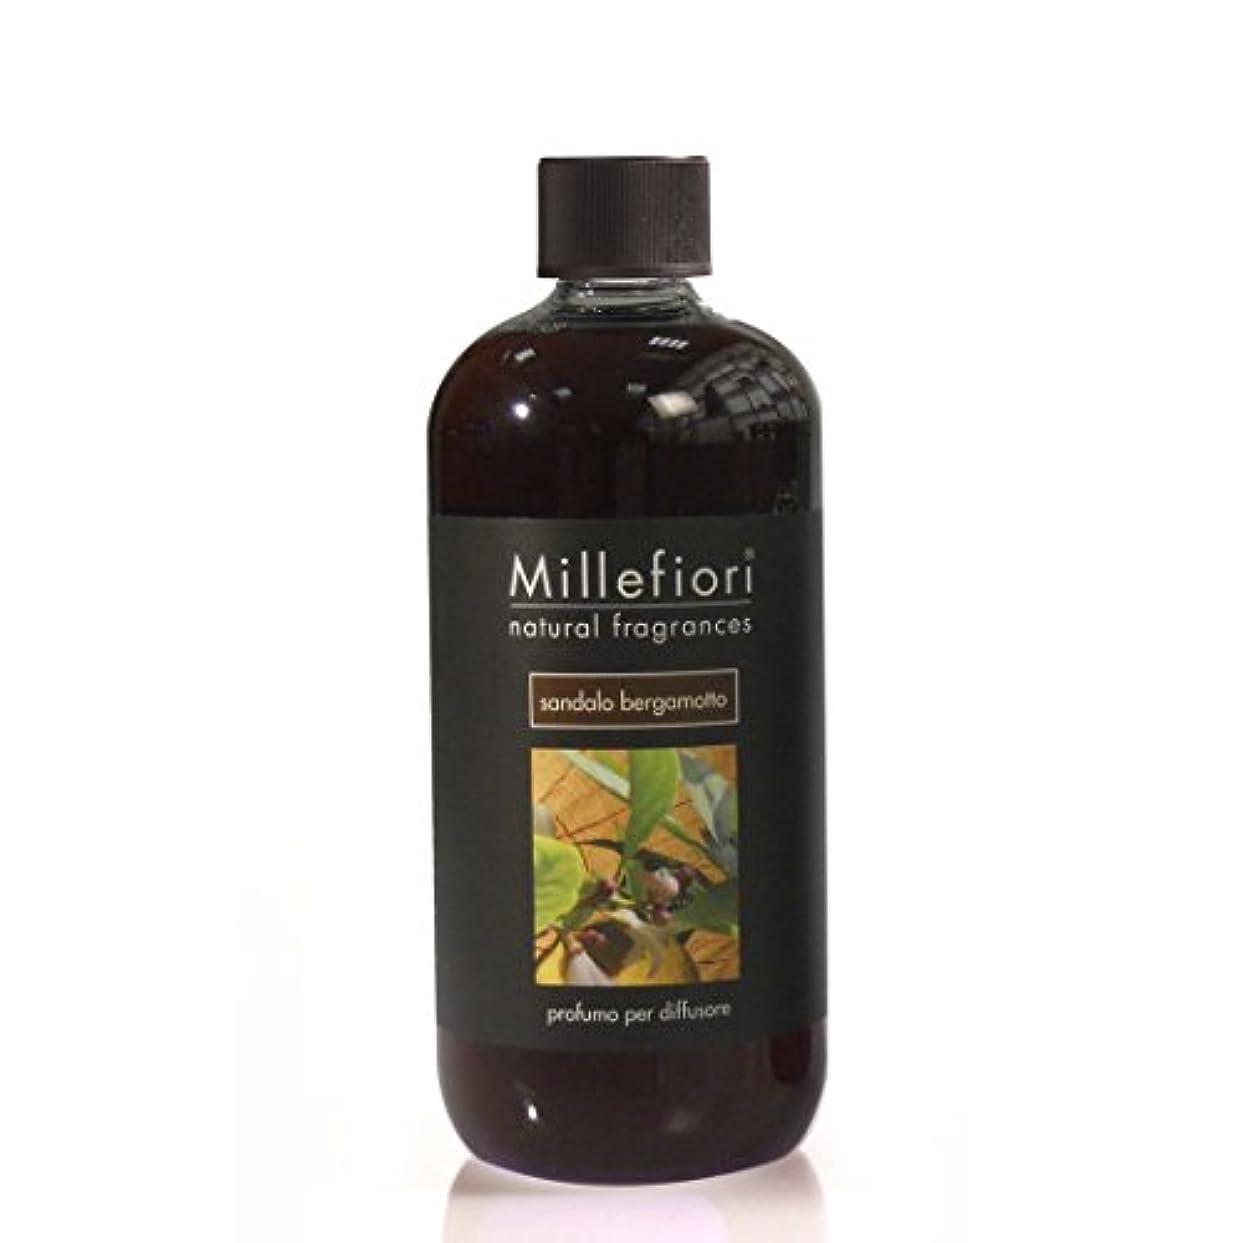 メロディー暴行プロポーショナルミッレフィオーリ Natural Fragrance Diffuser Refill - Sandalo Bergamotto 500ml/16.7oz並行輸入品